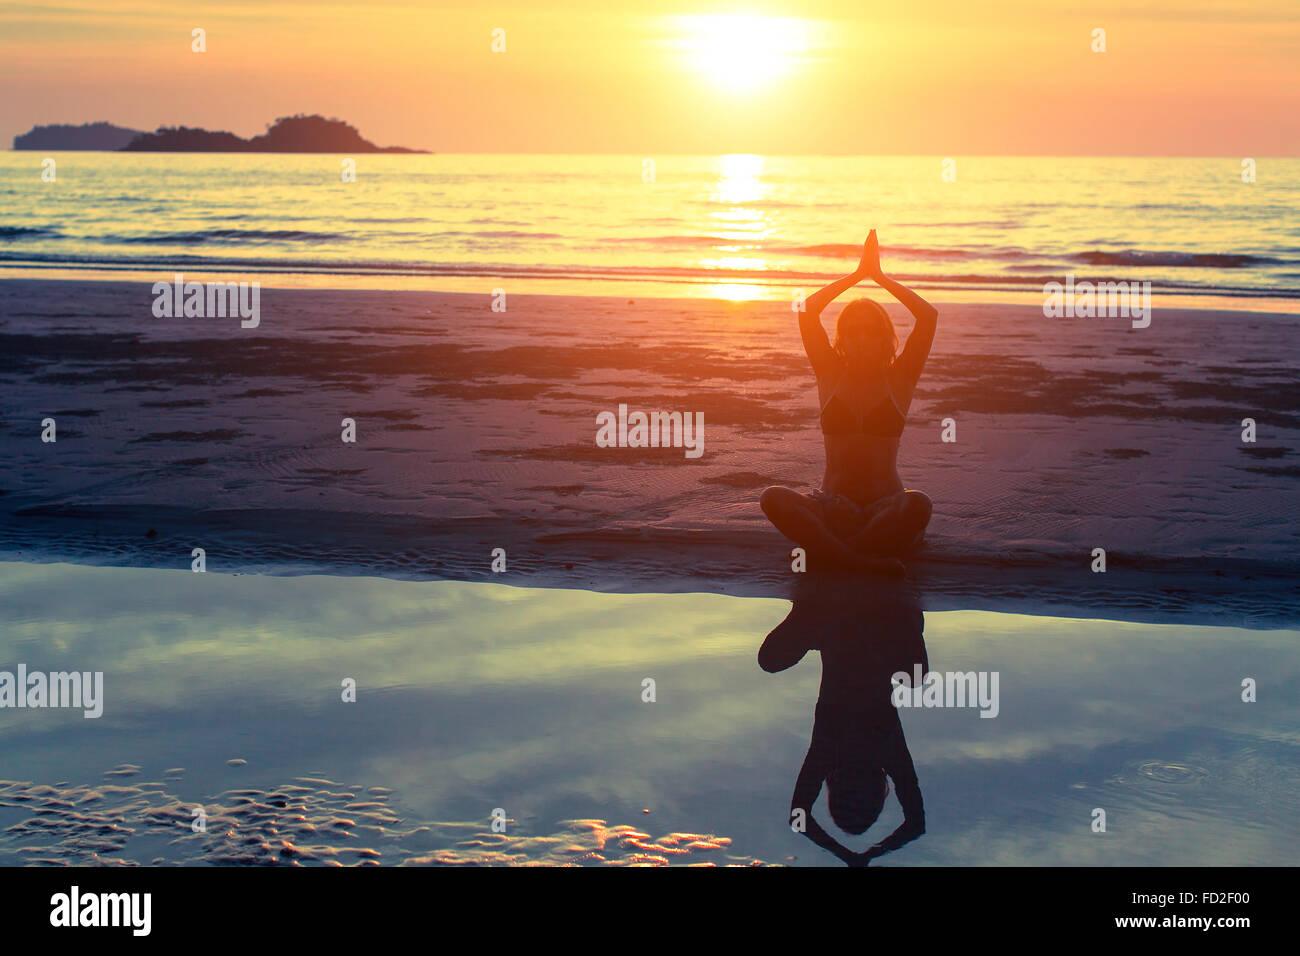 Mujer silueta practicando yoga en la playa por la increíble puesta de sol. Imagen De Stock